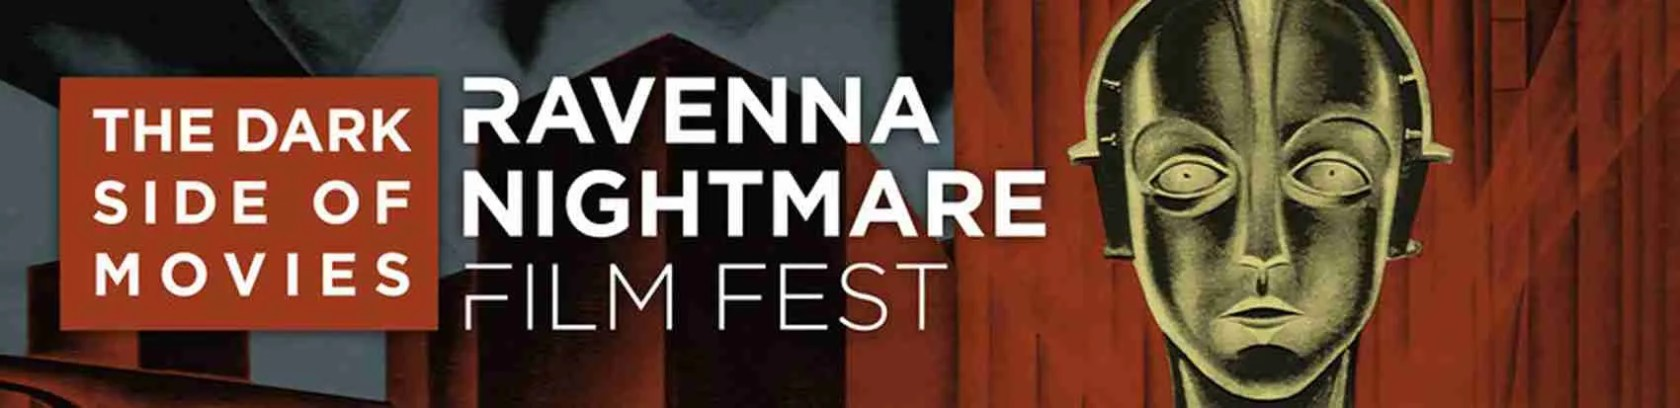 Le escort Ravenna amano la tensione che si respira al Ravenna Nightmare Film Fest.